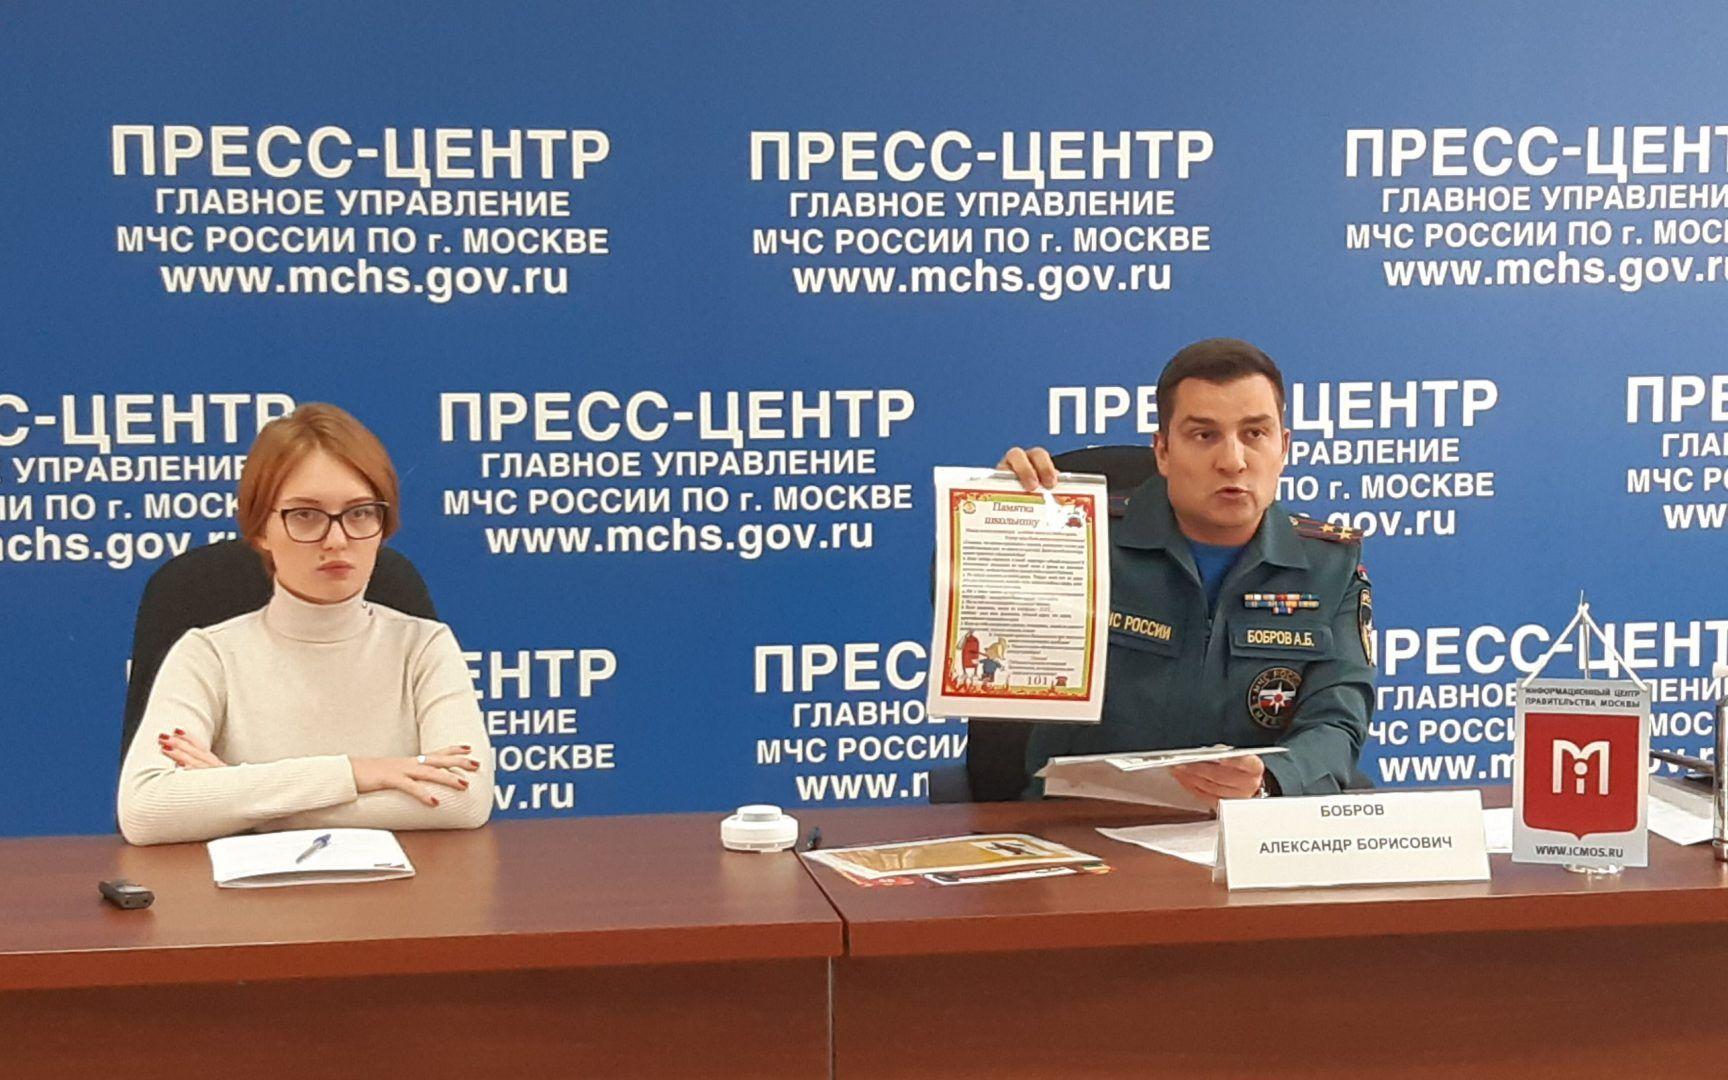 Пресс-конференция «Пожароопасный осенне-зимний период» состоялась в Москве. Фото: Дарья Бруданова